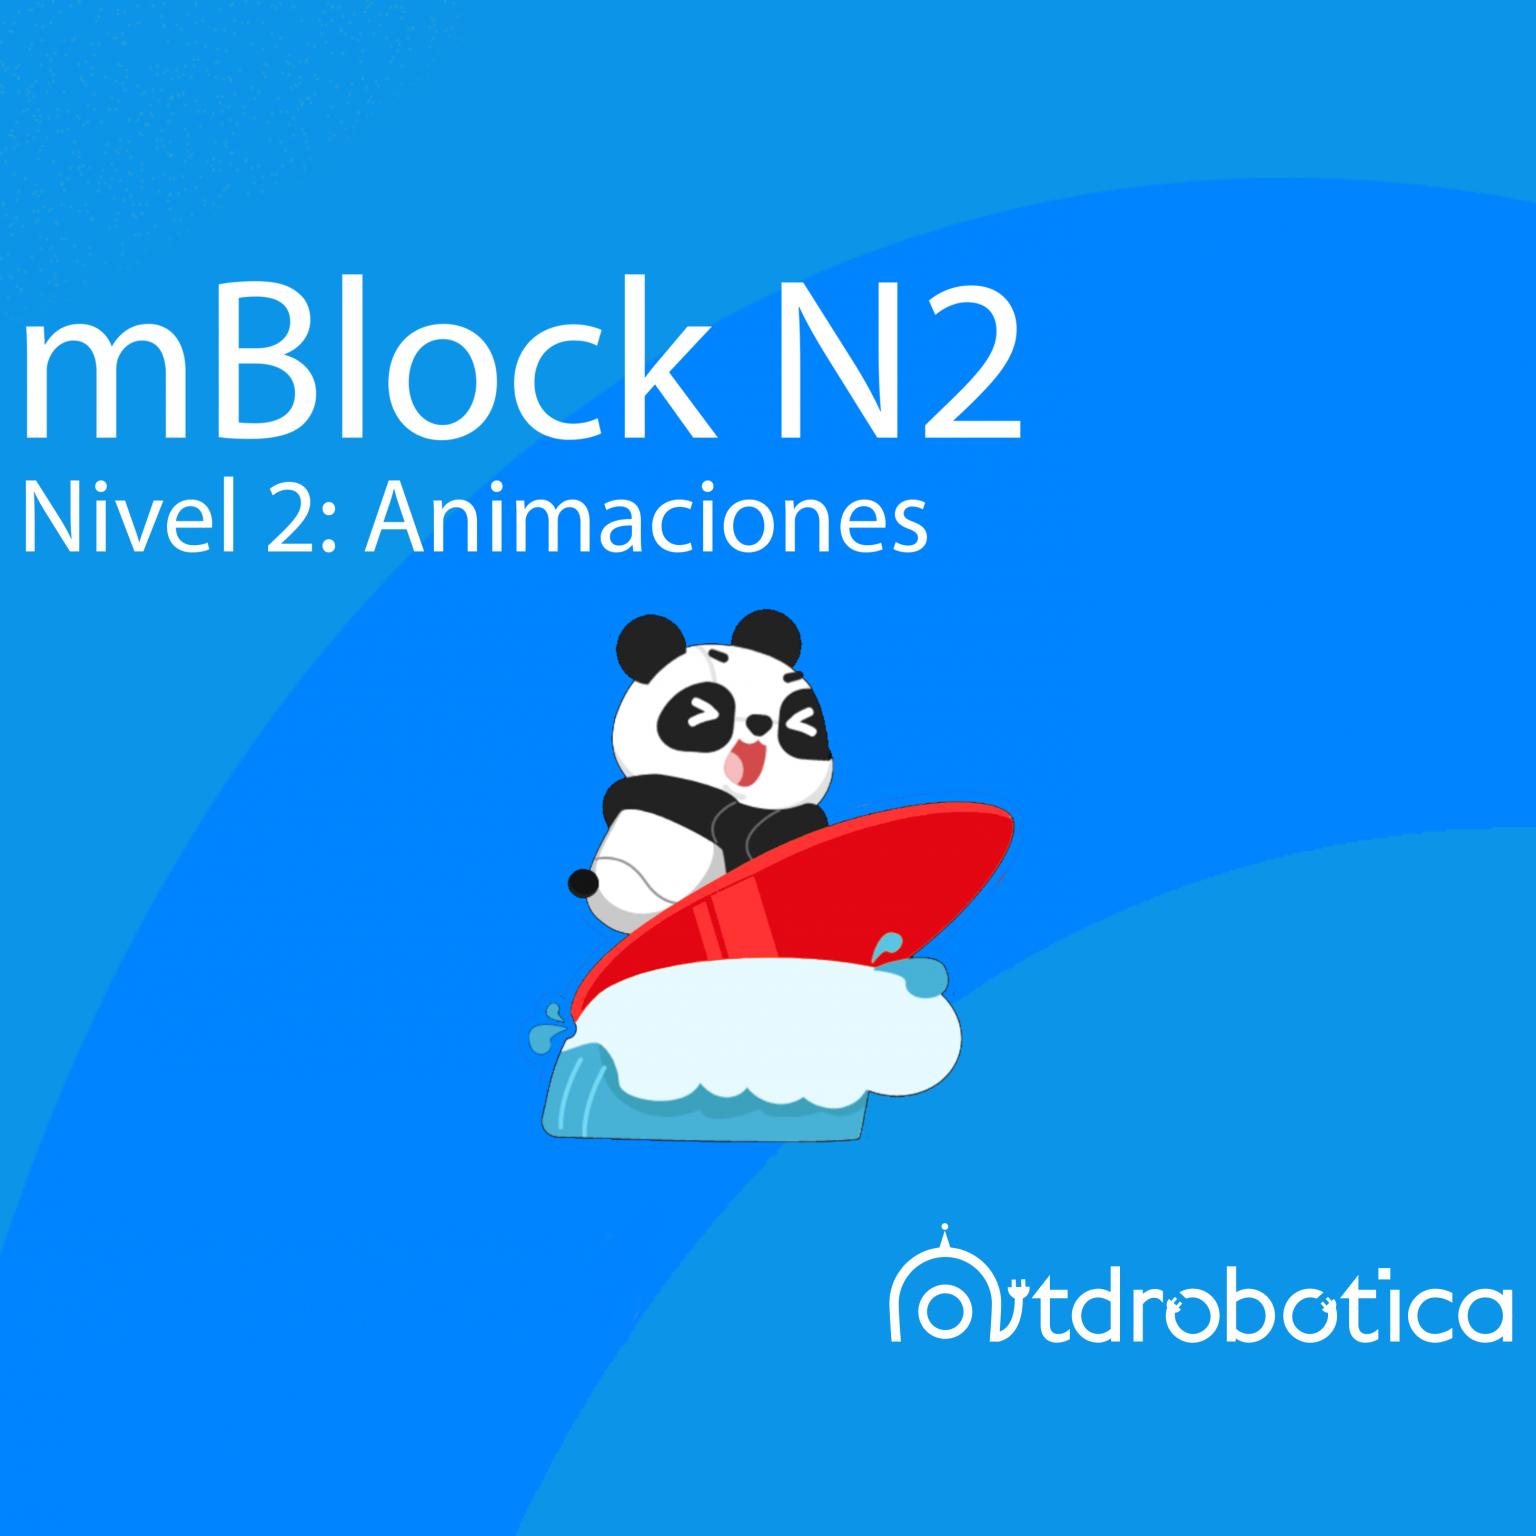 N2-nv1-1536×1536